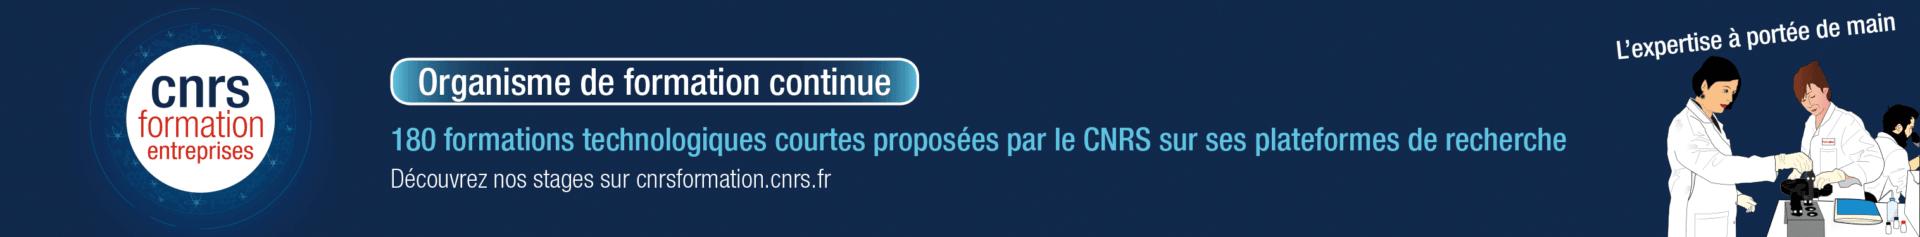 CNRS formation standard